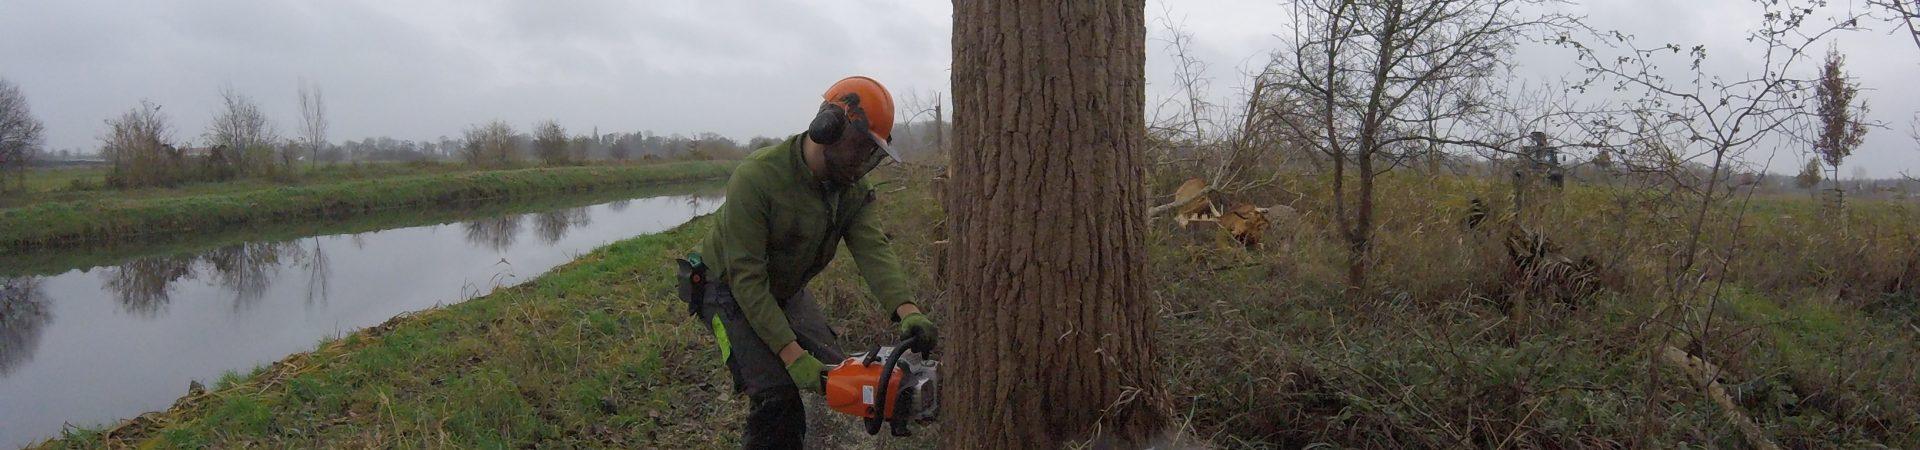 Holzhackschnitzel können für vieles dienen